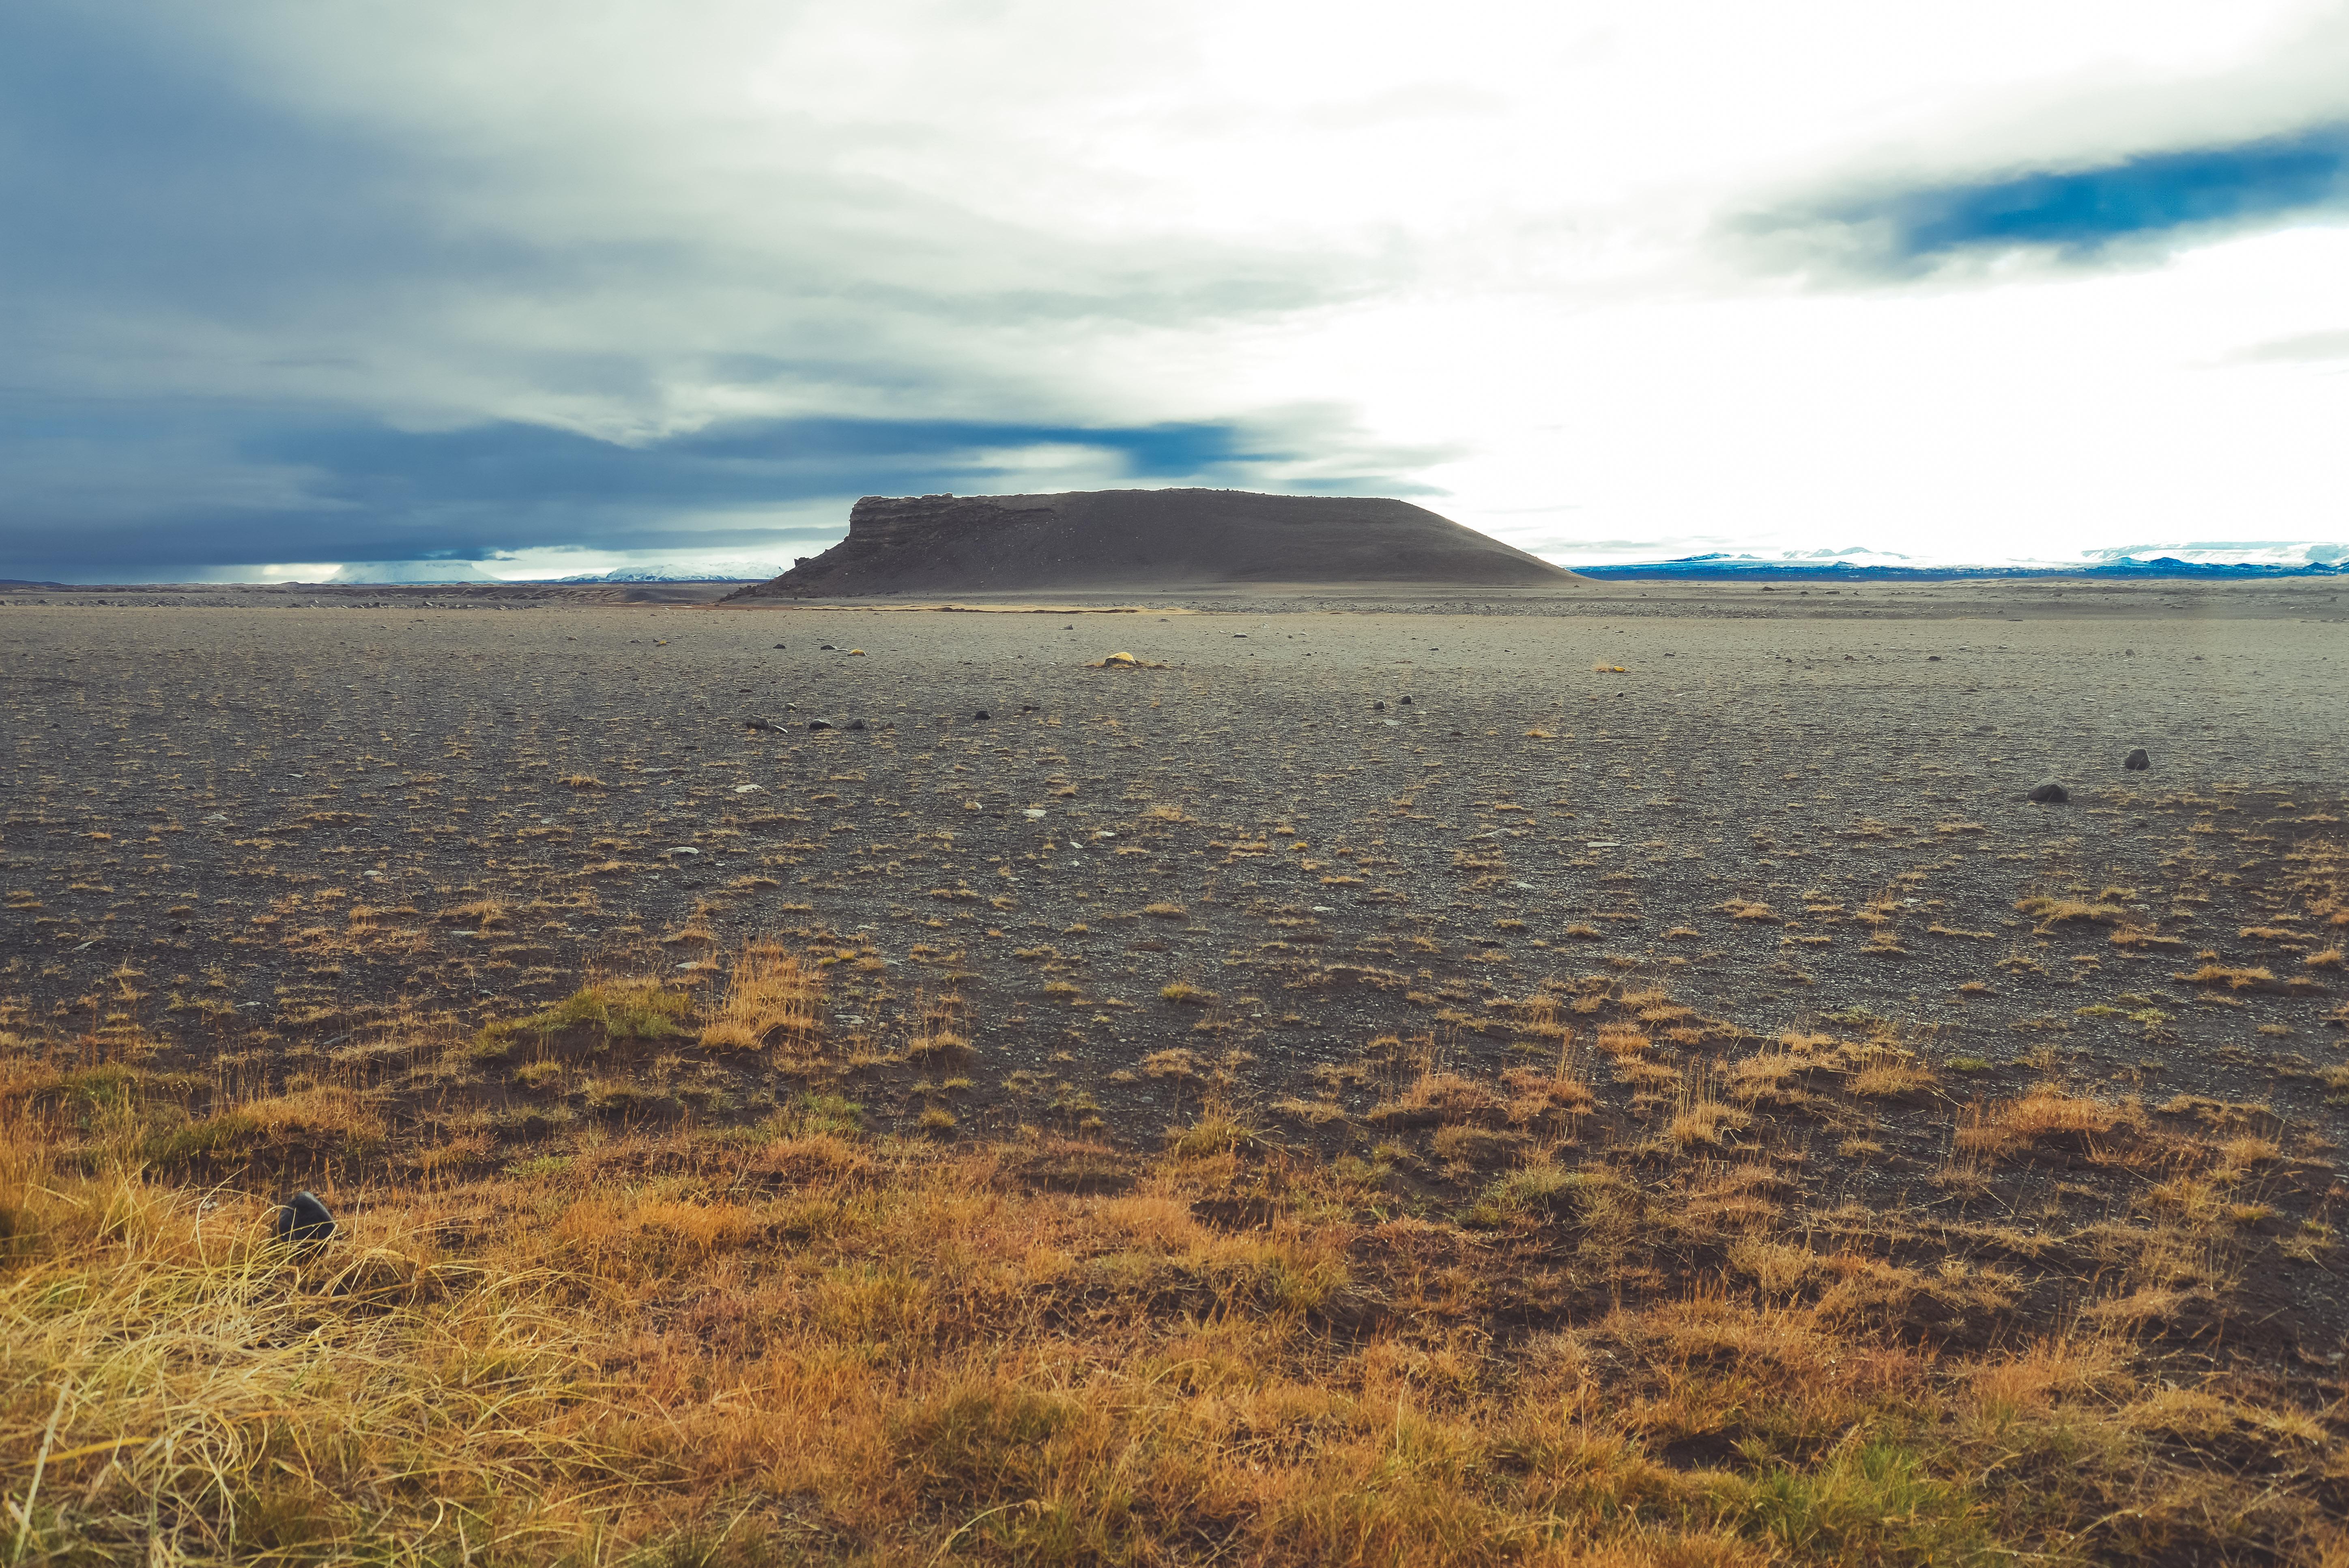 型似Uluru